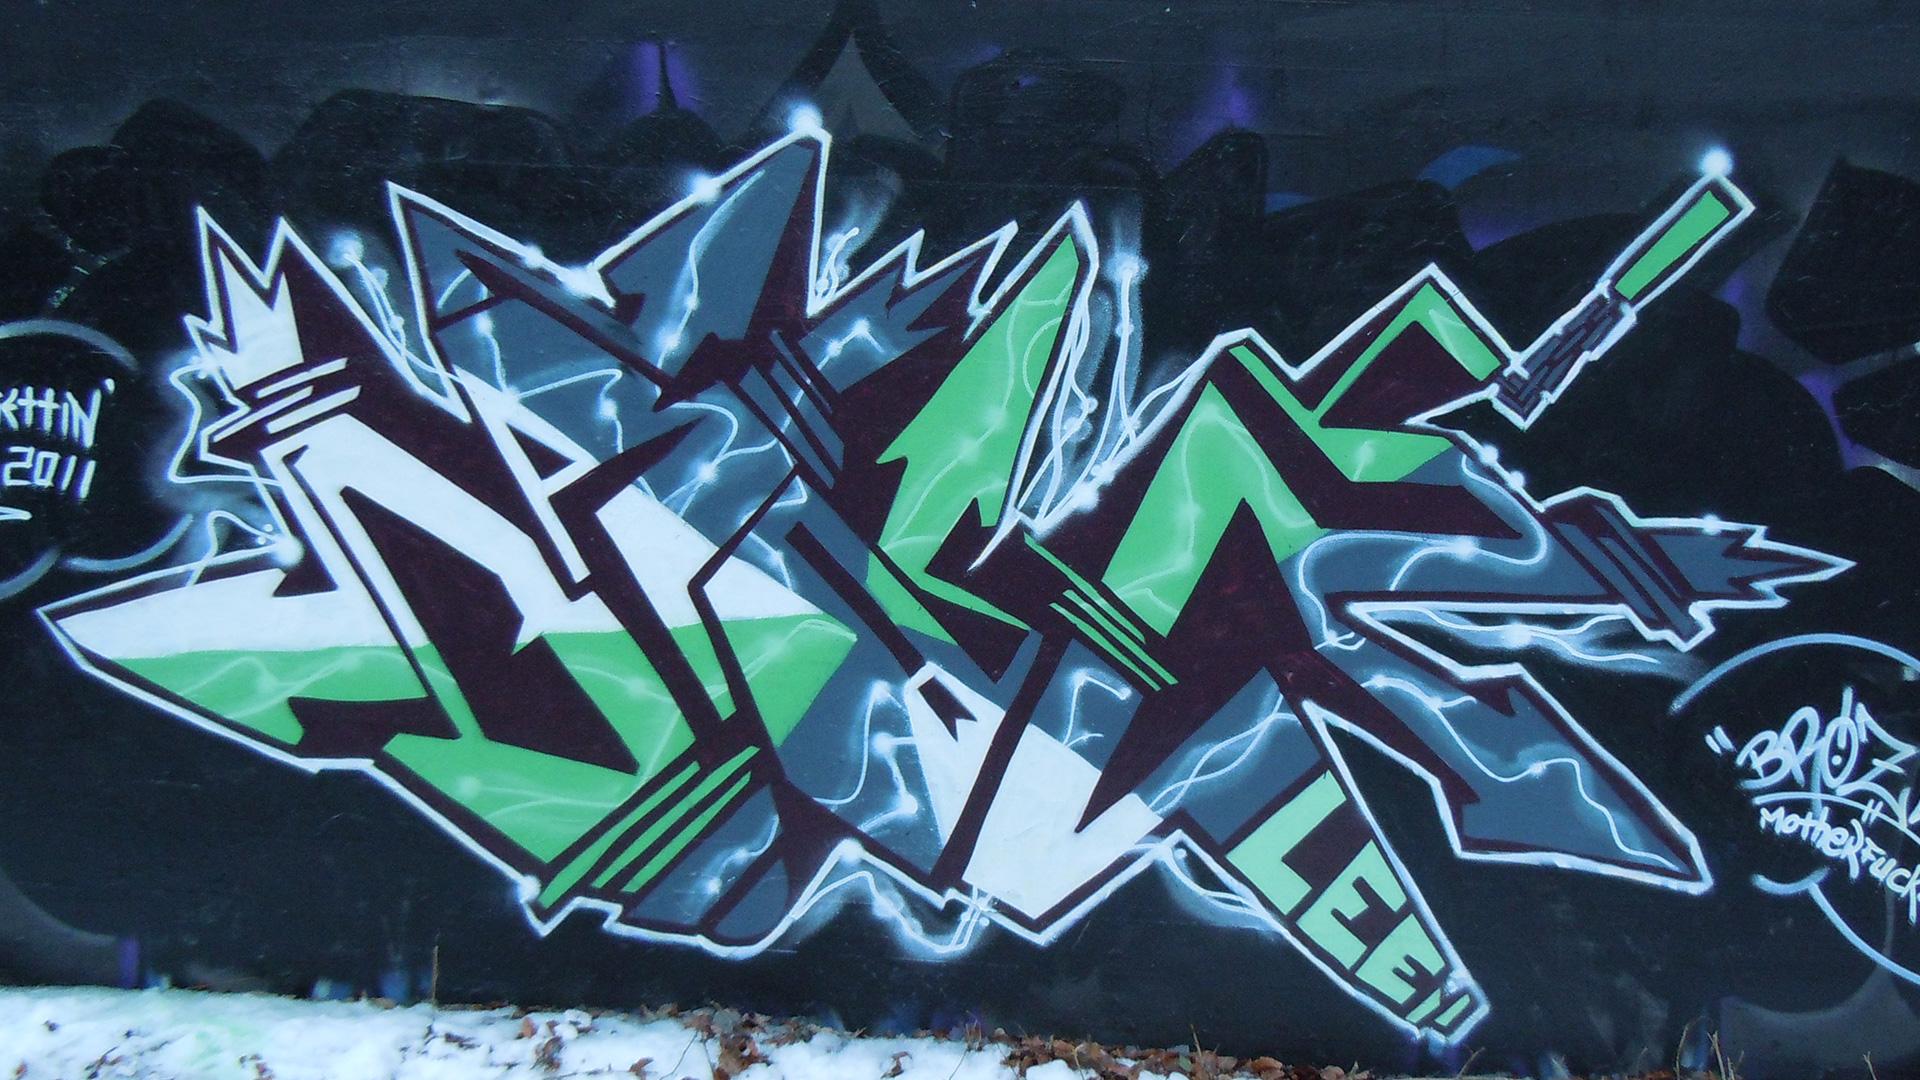 brozilla-graffiti-page-13